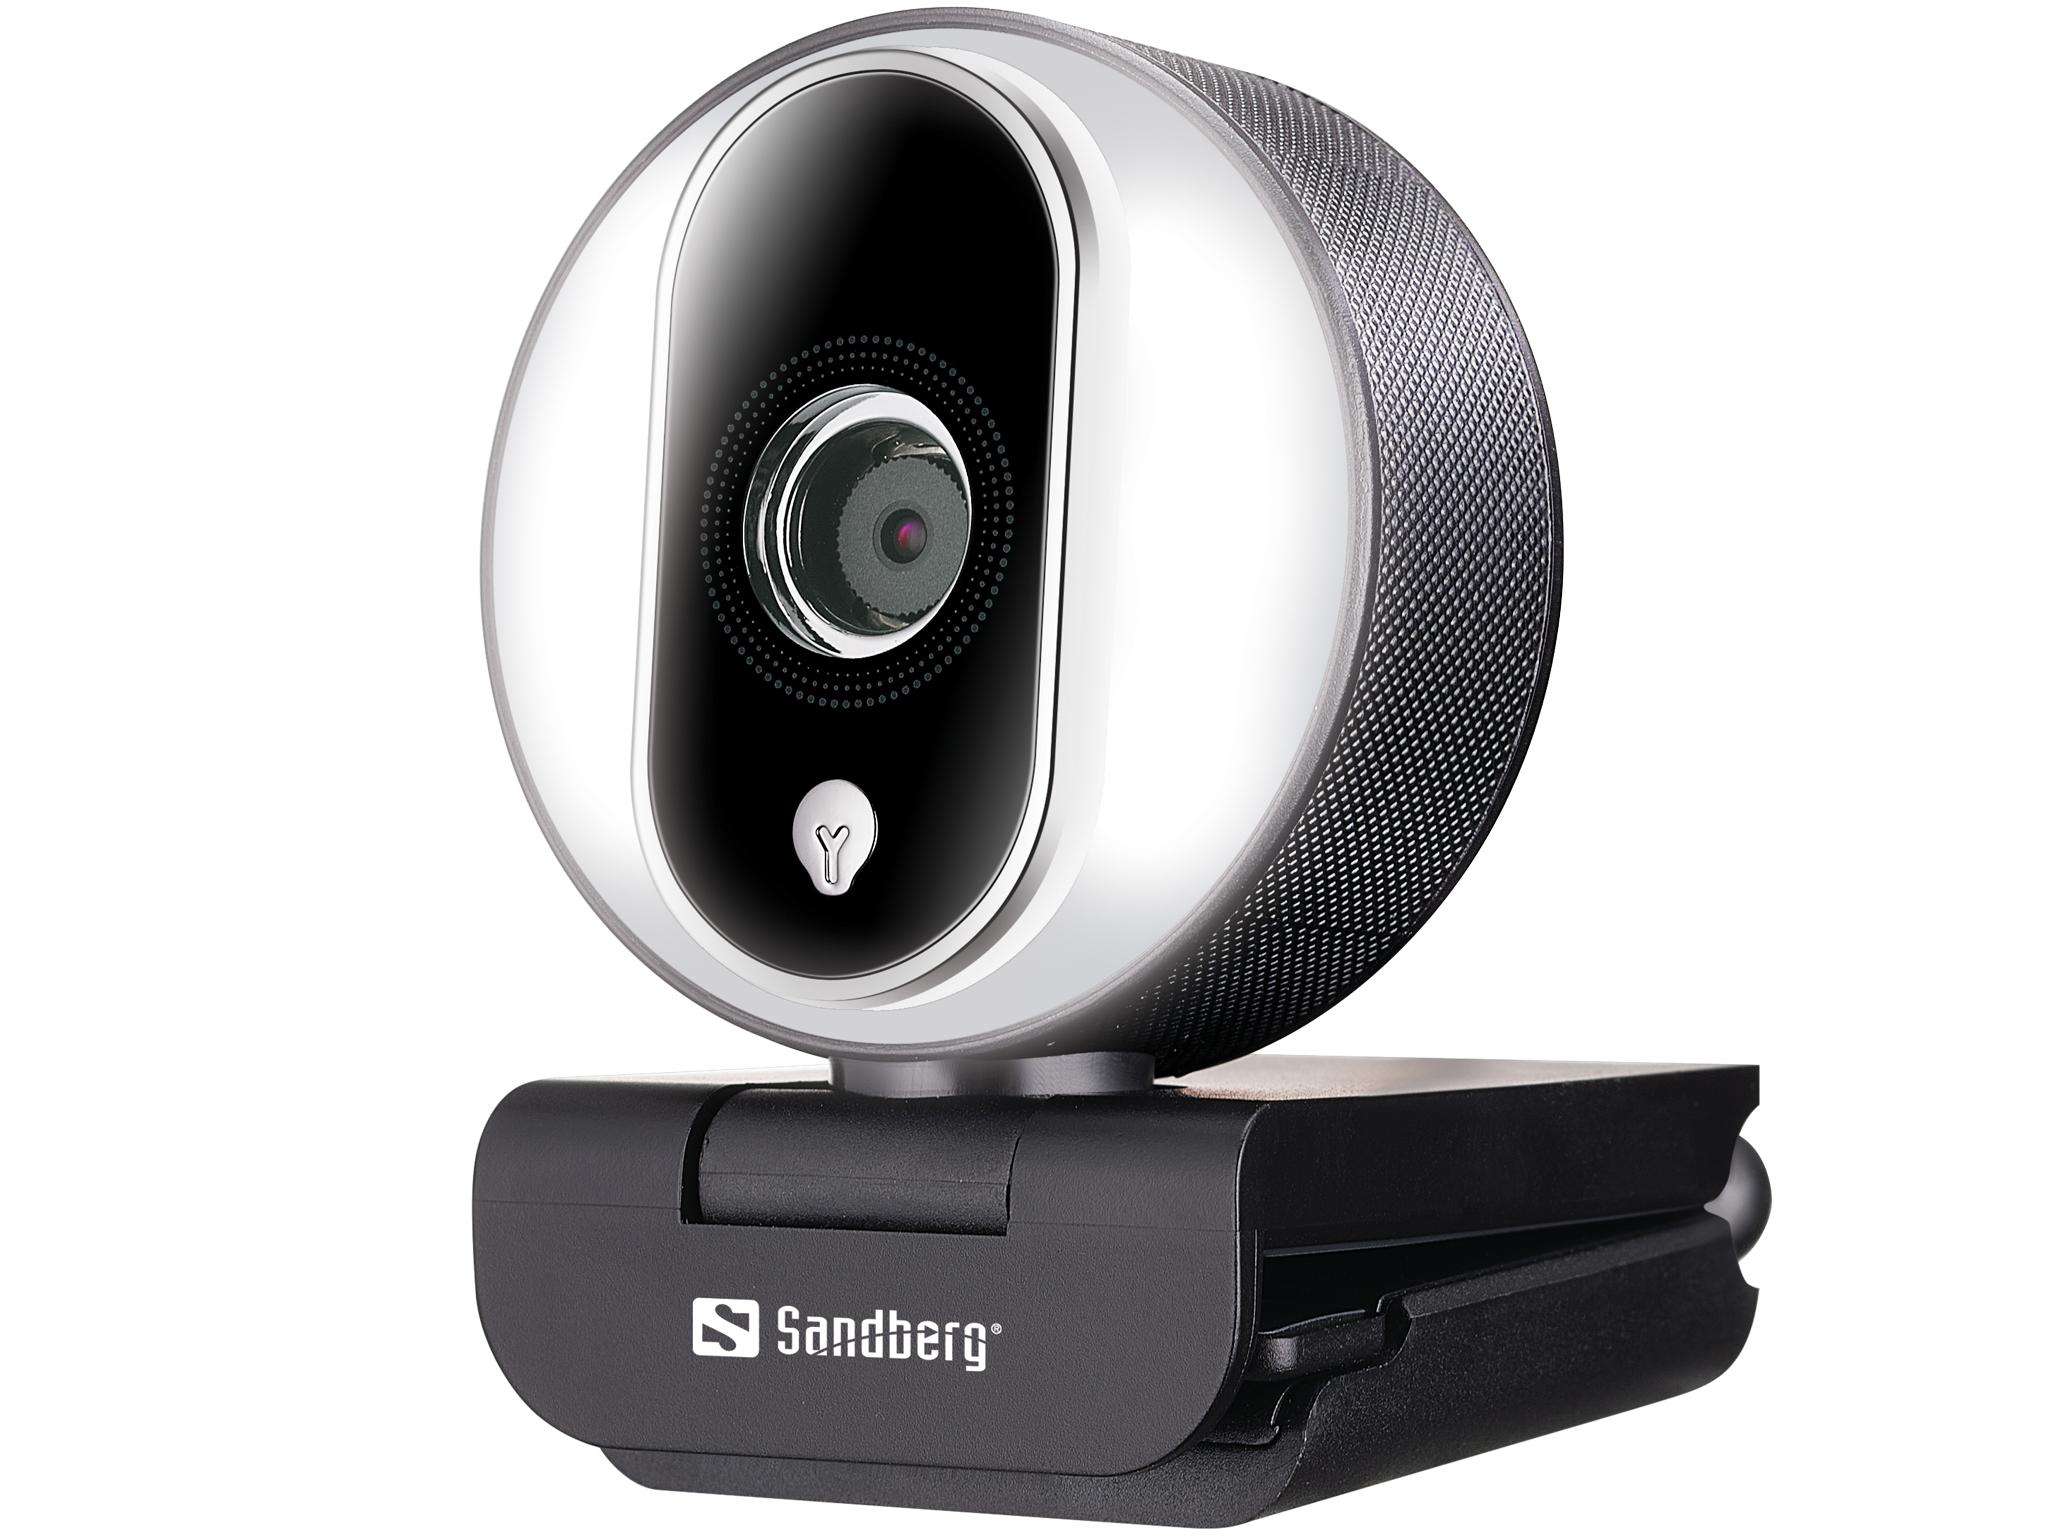 Sandberg Streamer USB Webcam Pro, 1080p 30 fps, 720p 60 fps, ring light